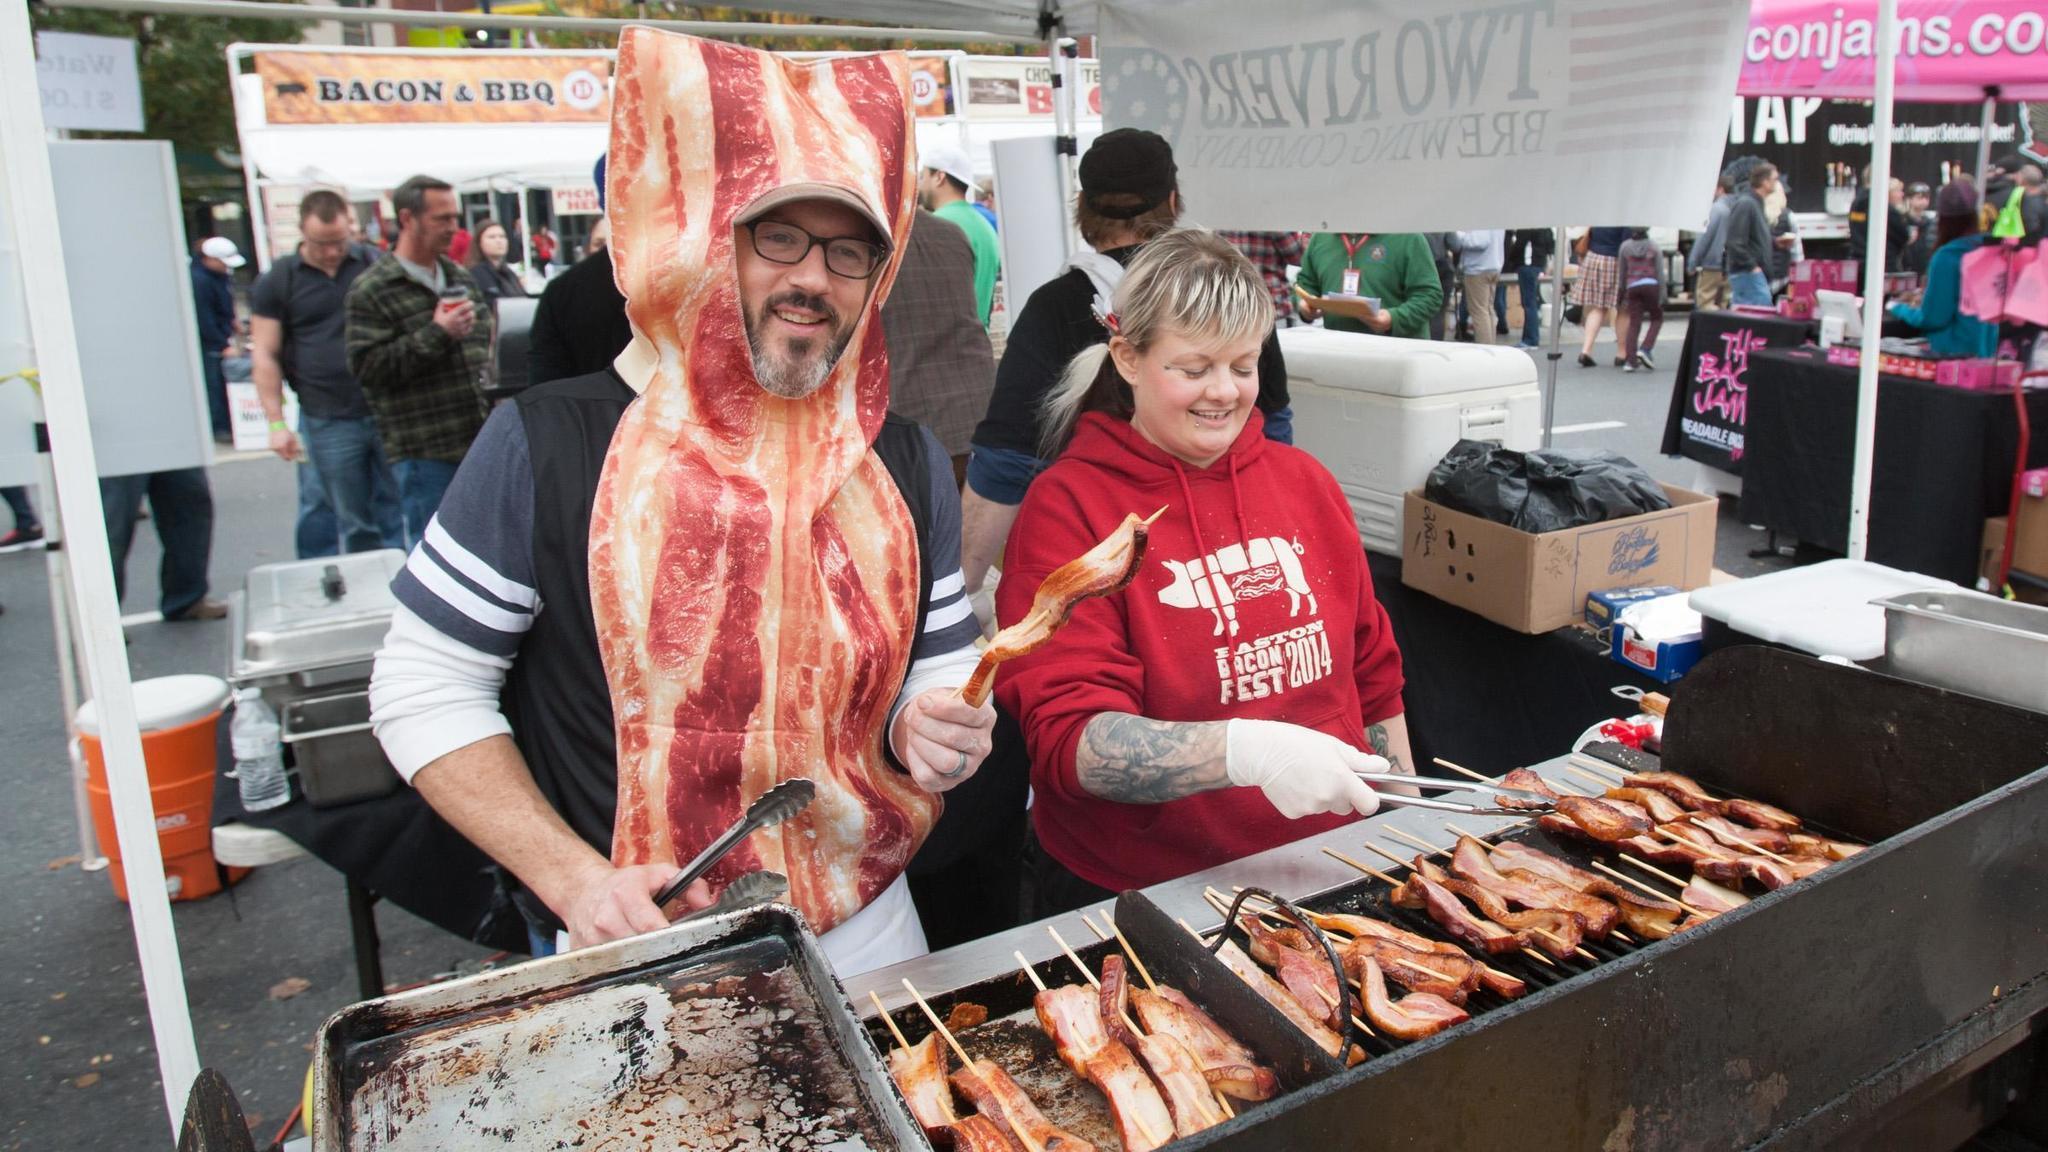 Easton Food Fest